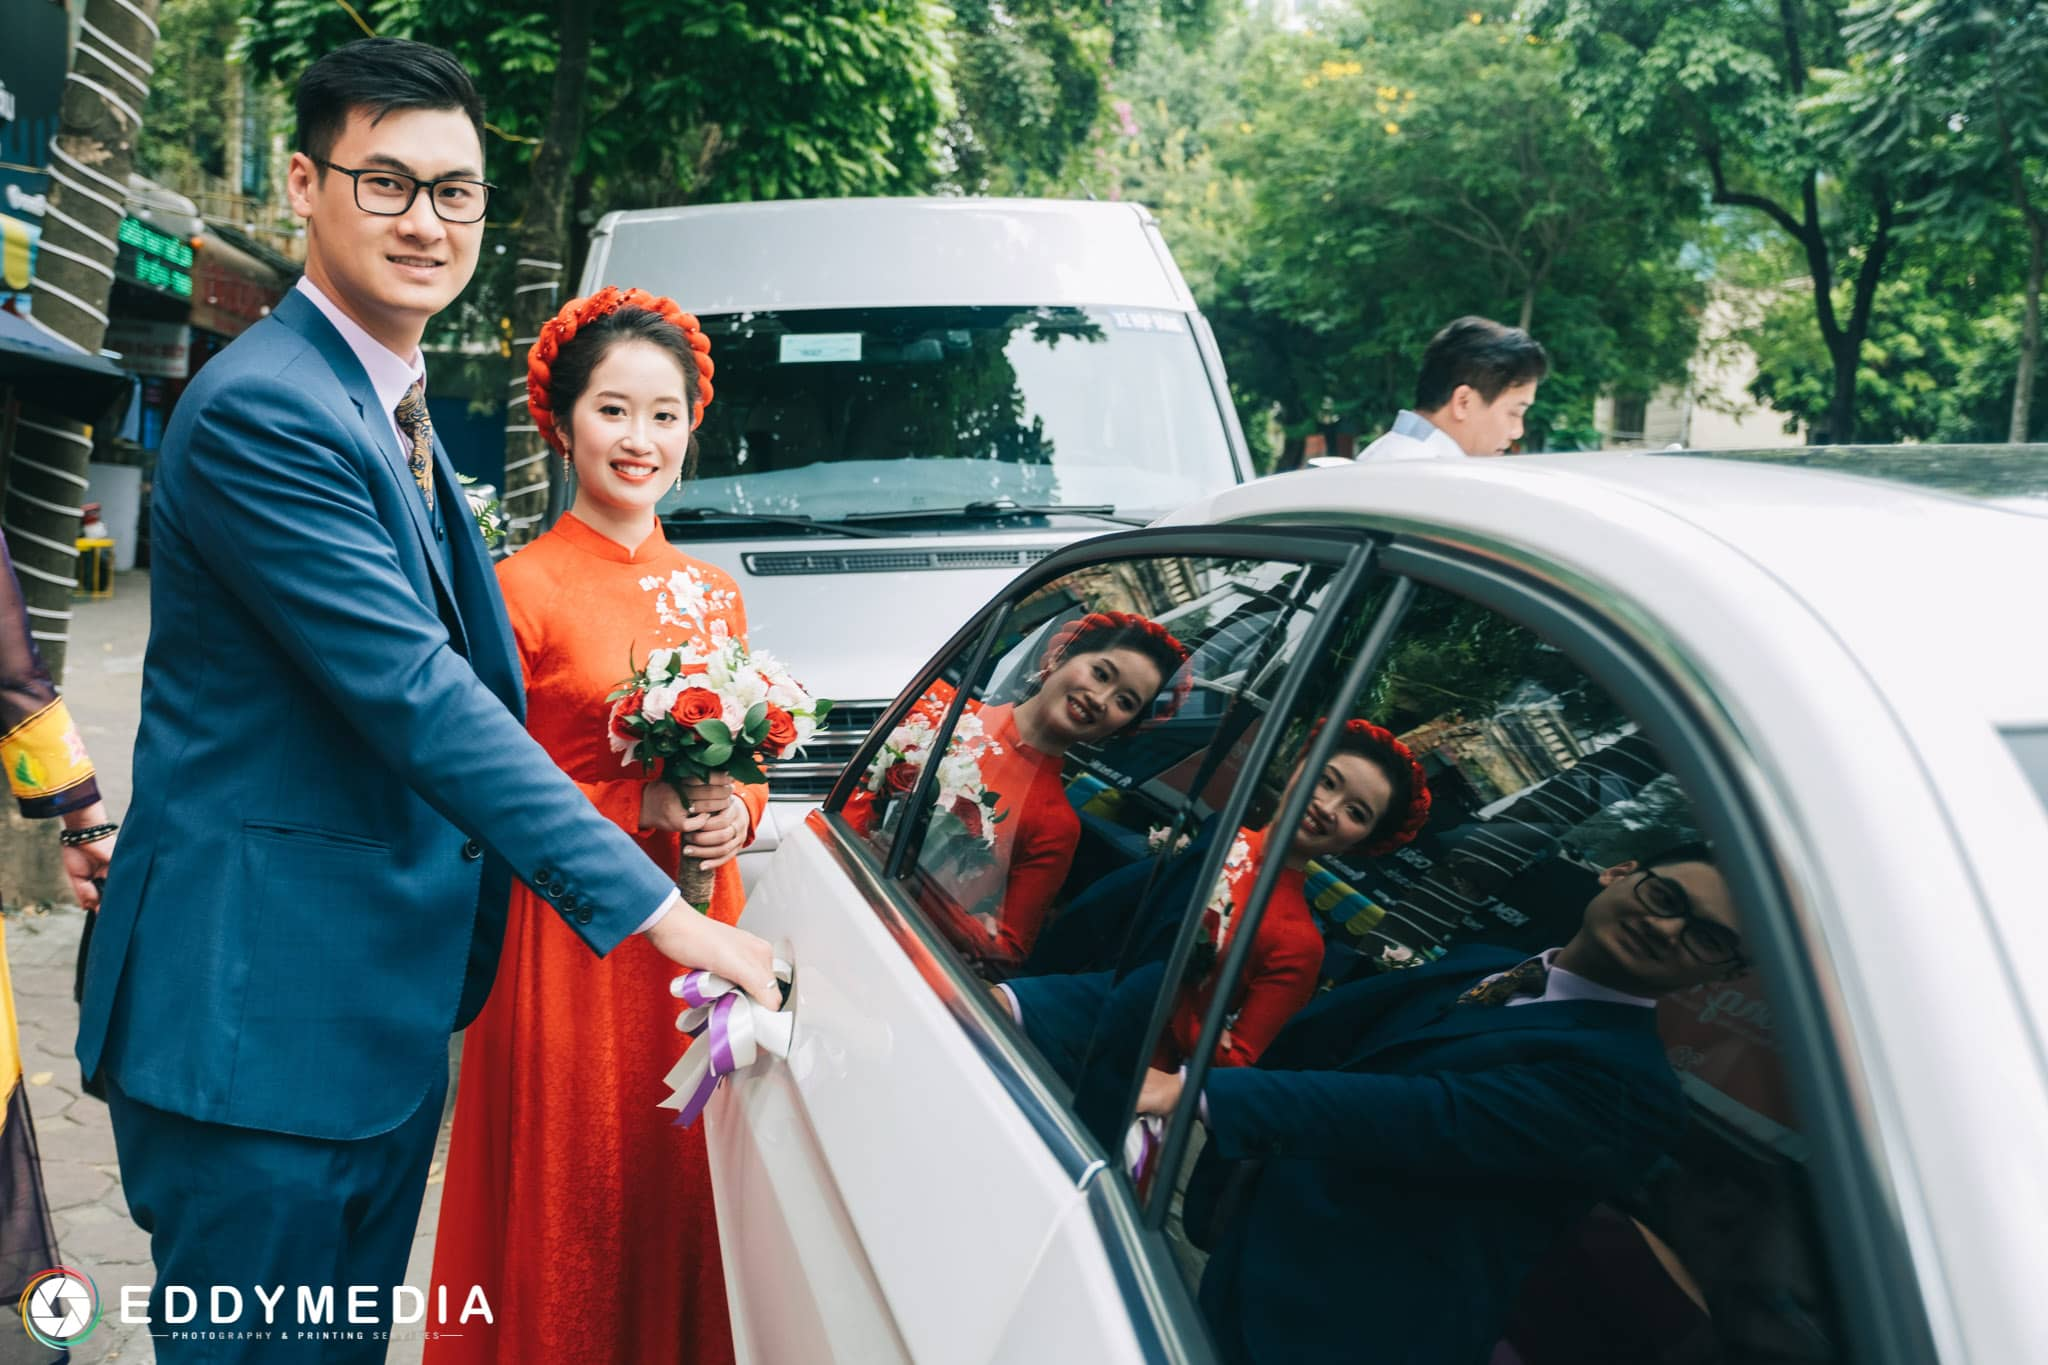 Ledondau QuangMinh PhuongLinh EddyMedia109 tổ chức đám cưới mùa dịch